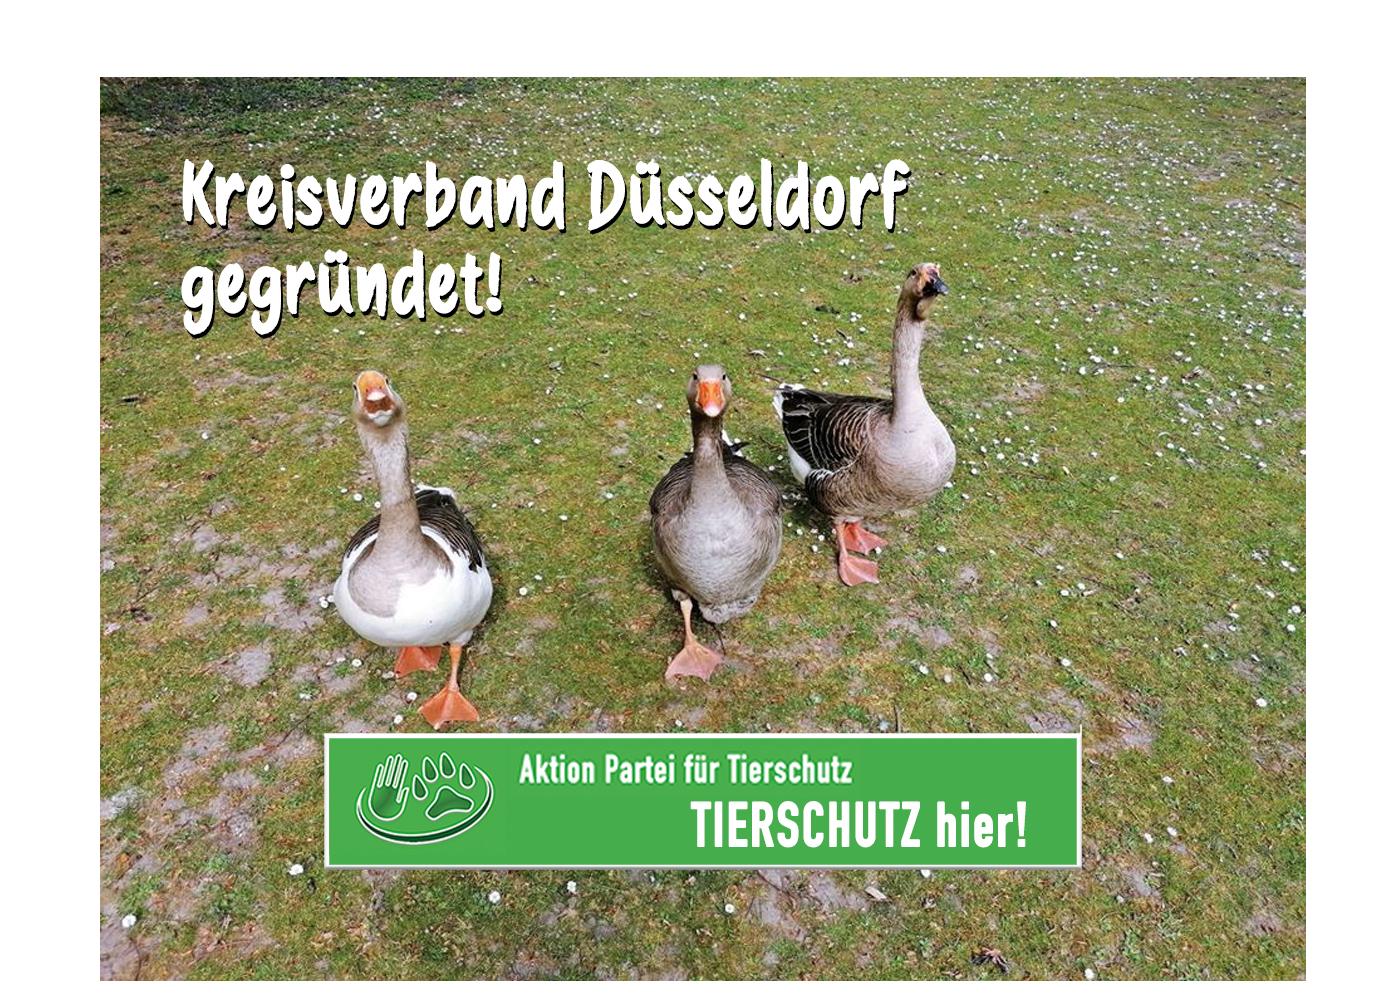 Tierschutz hier Düsseldorf